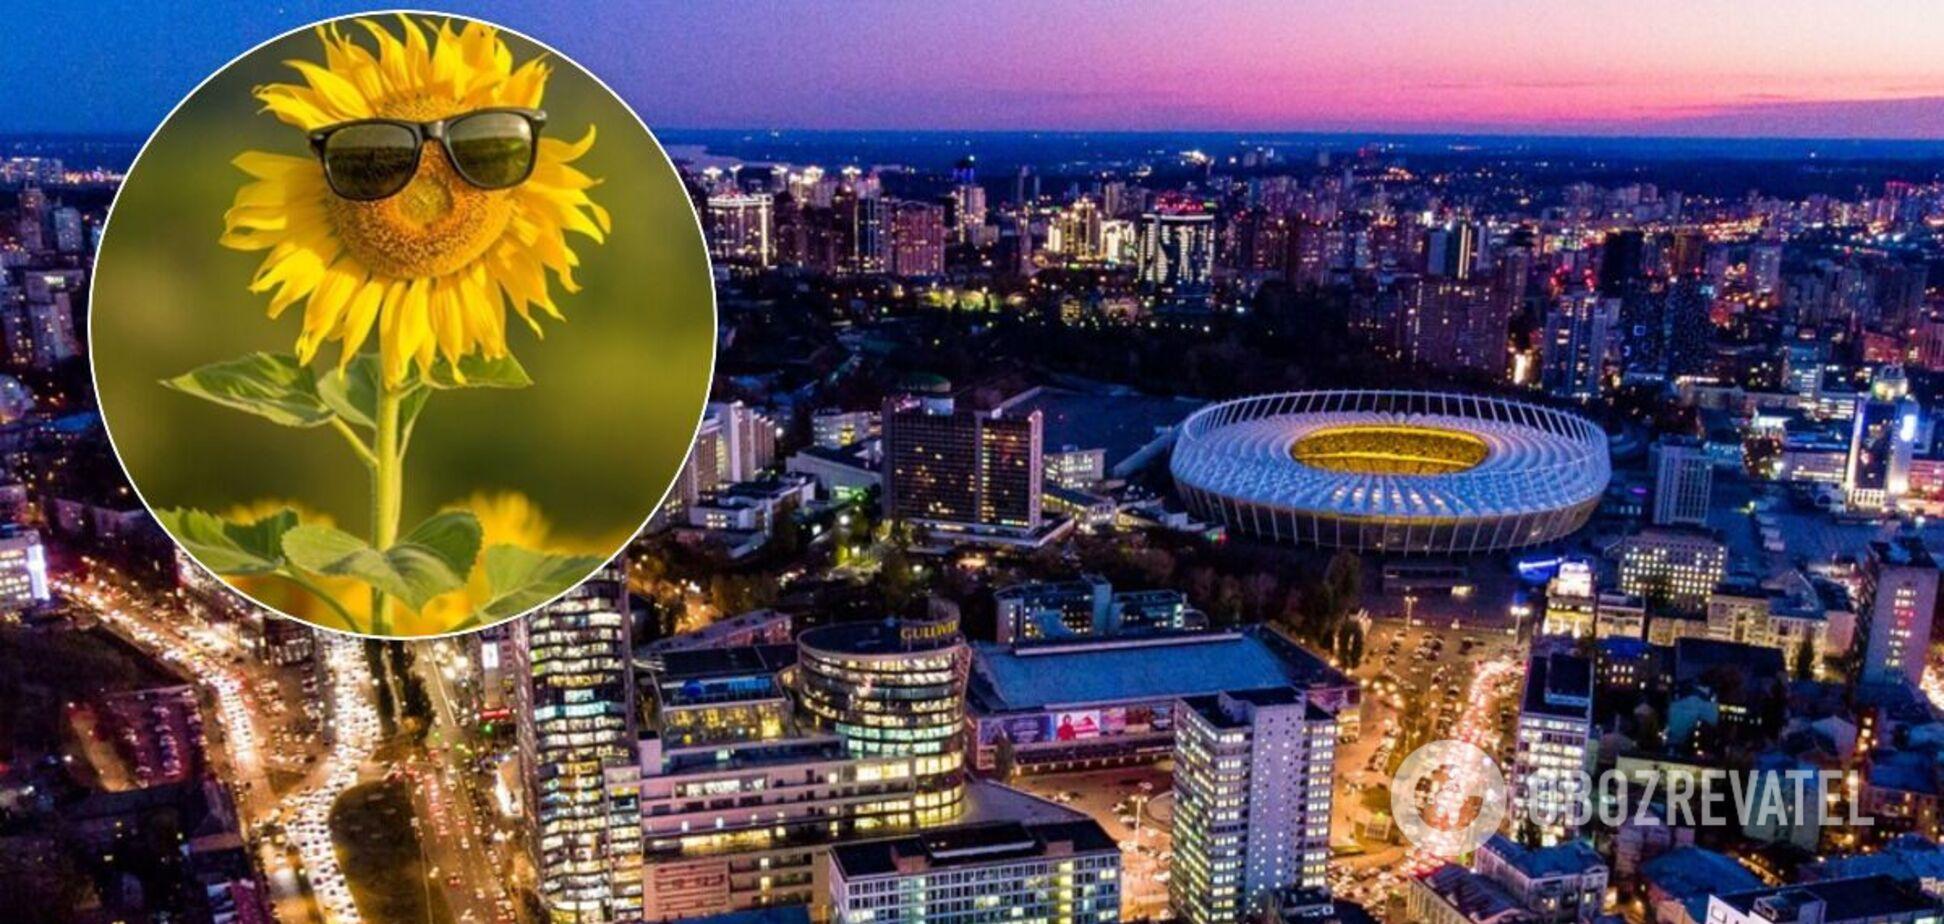 В Киеве будет жаркая и сухая погода. Иллюстрация